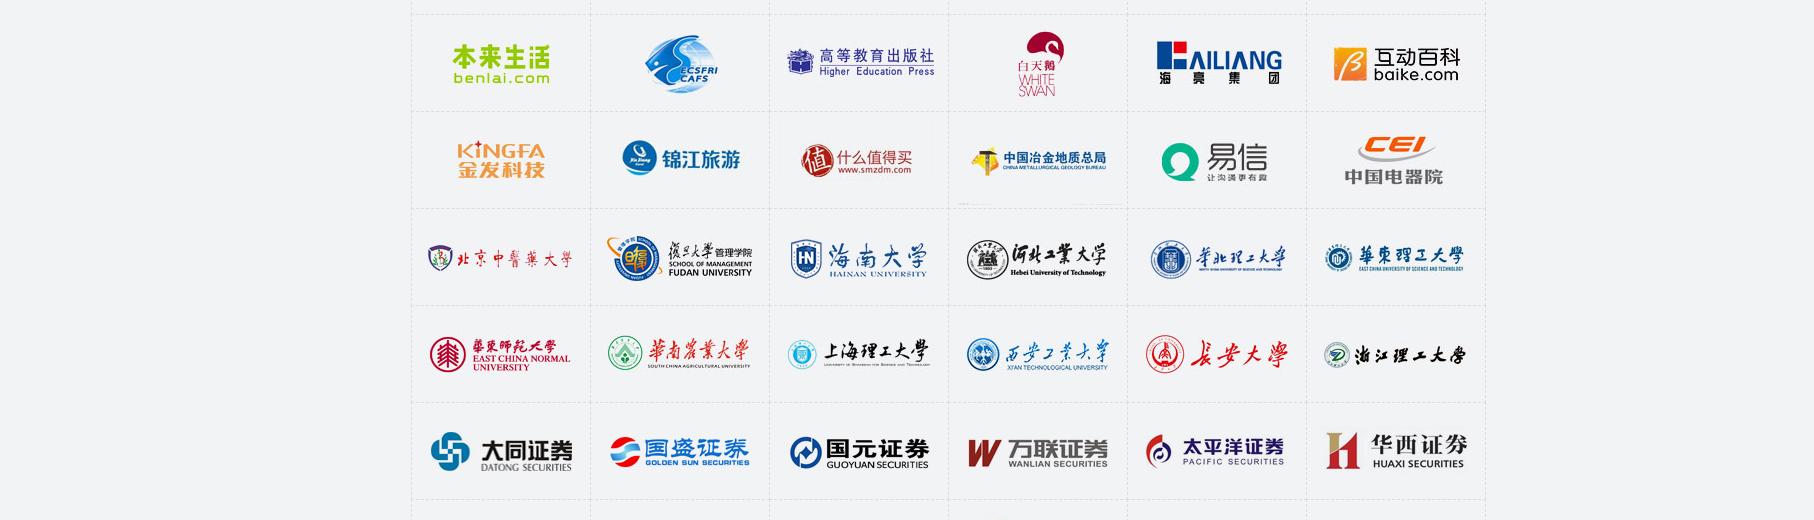 互动百科、中国电器院